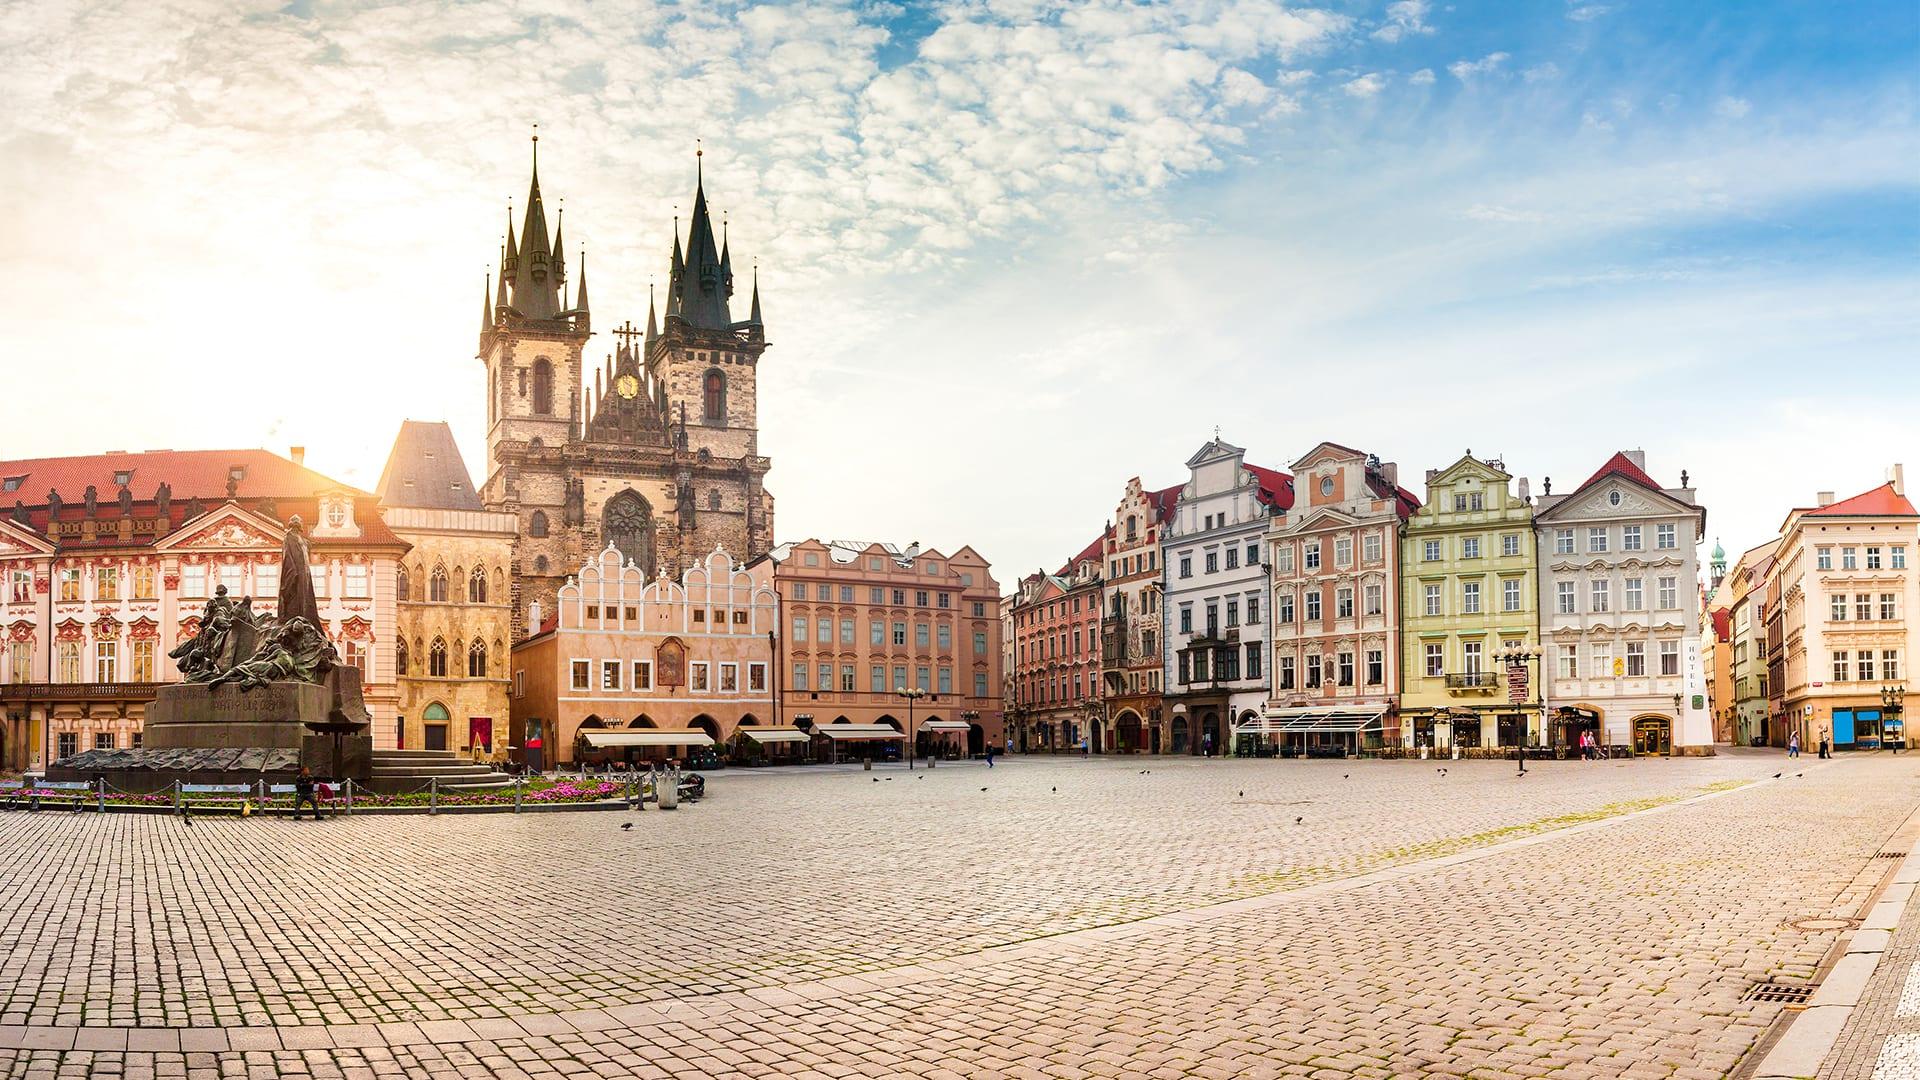 PragueOldSquare